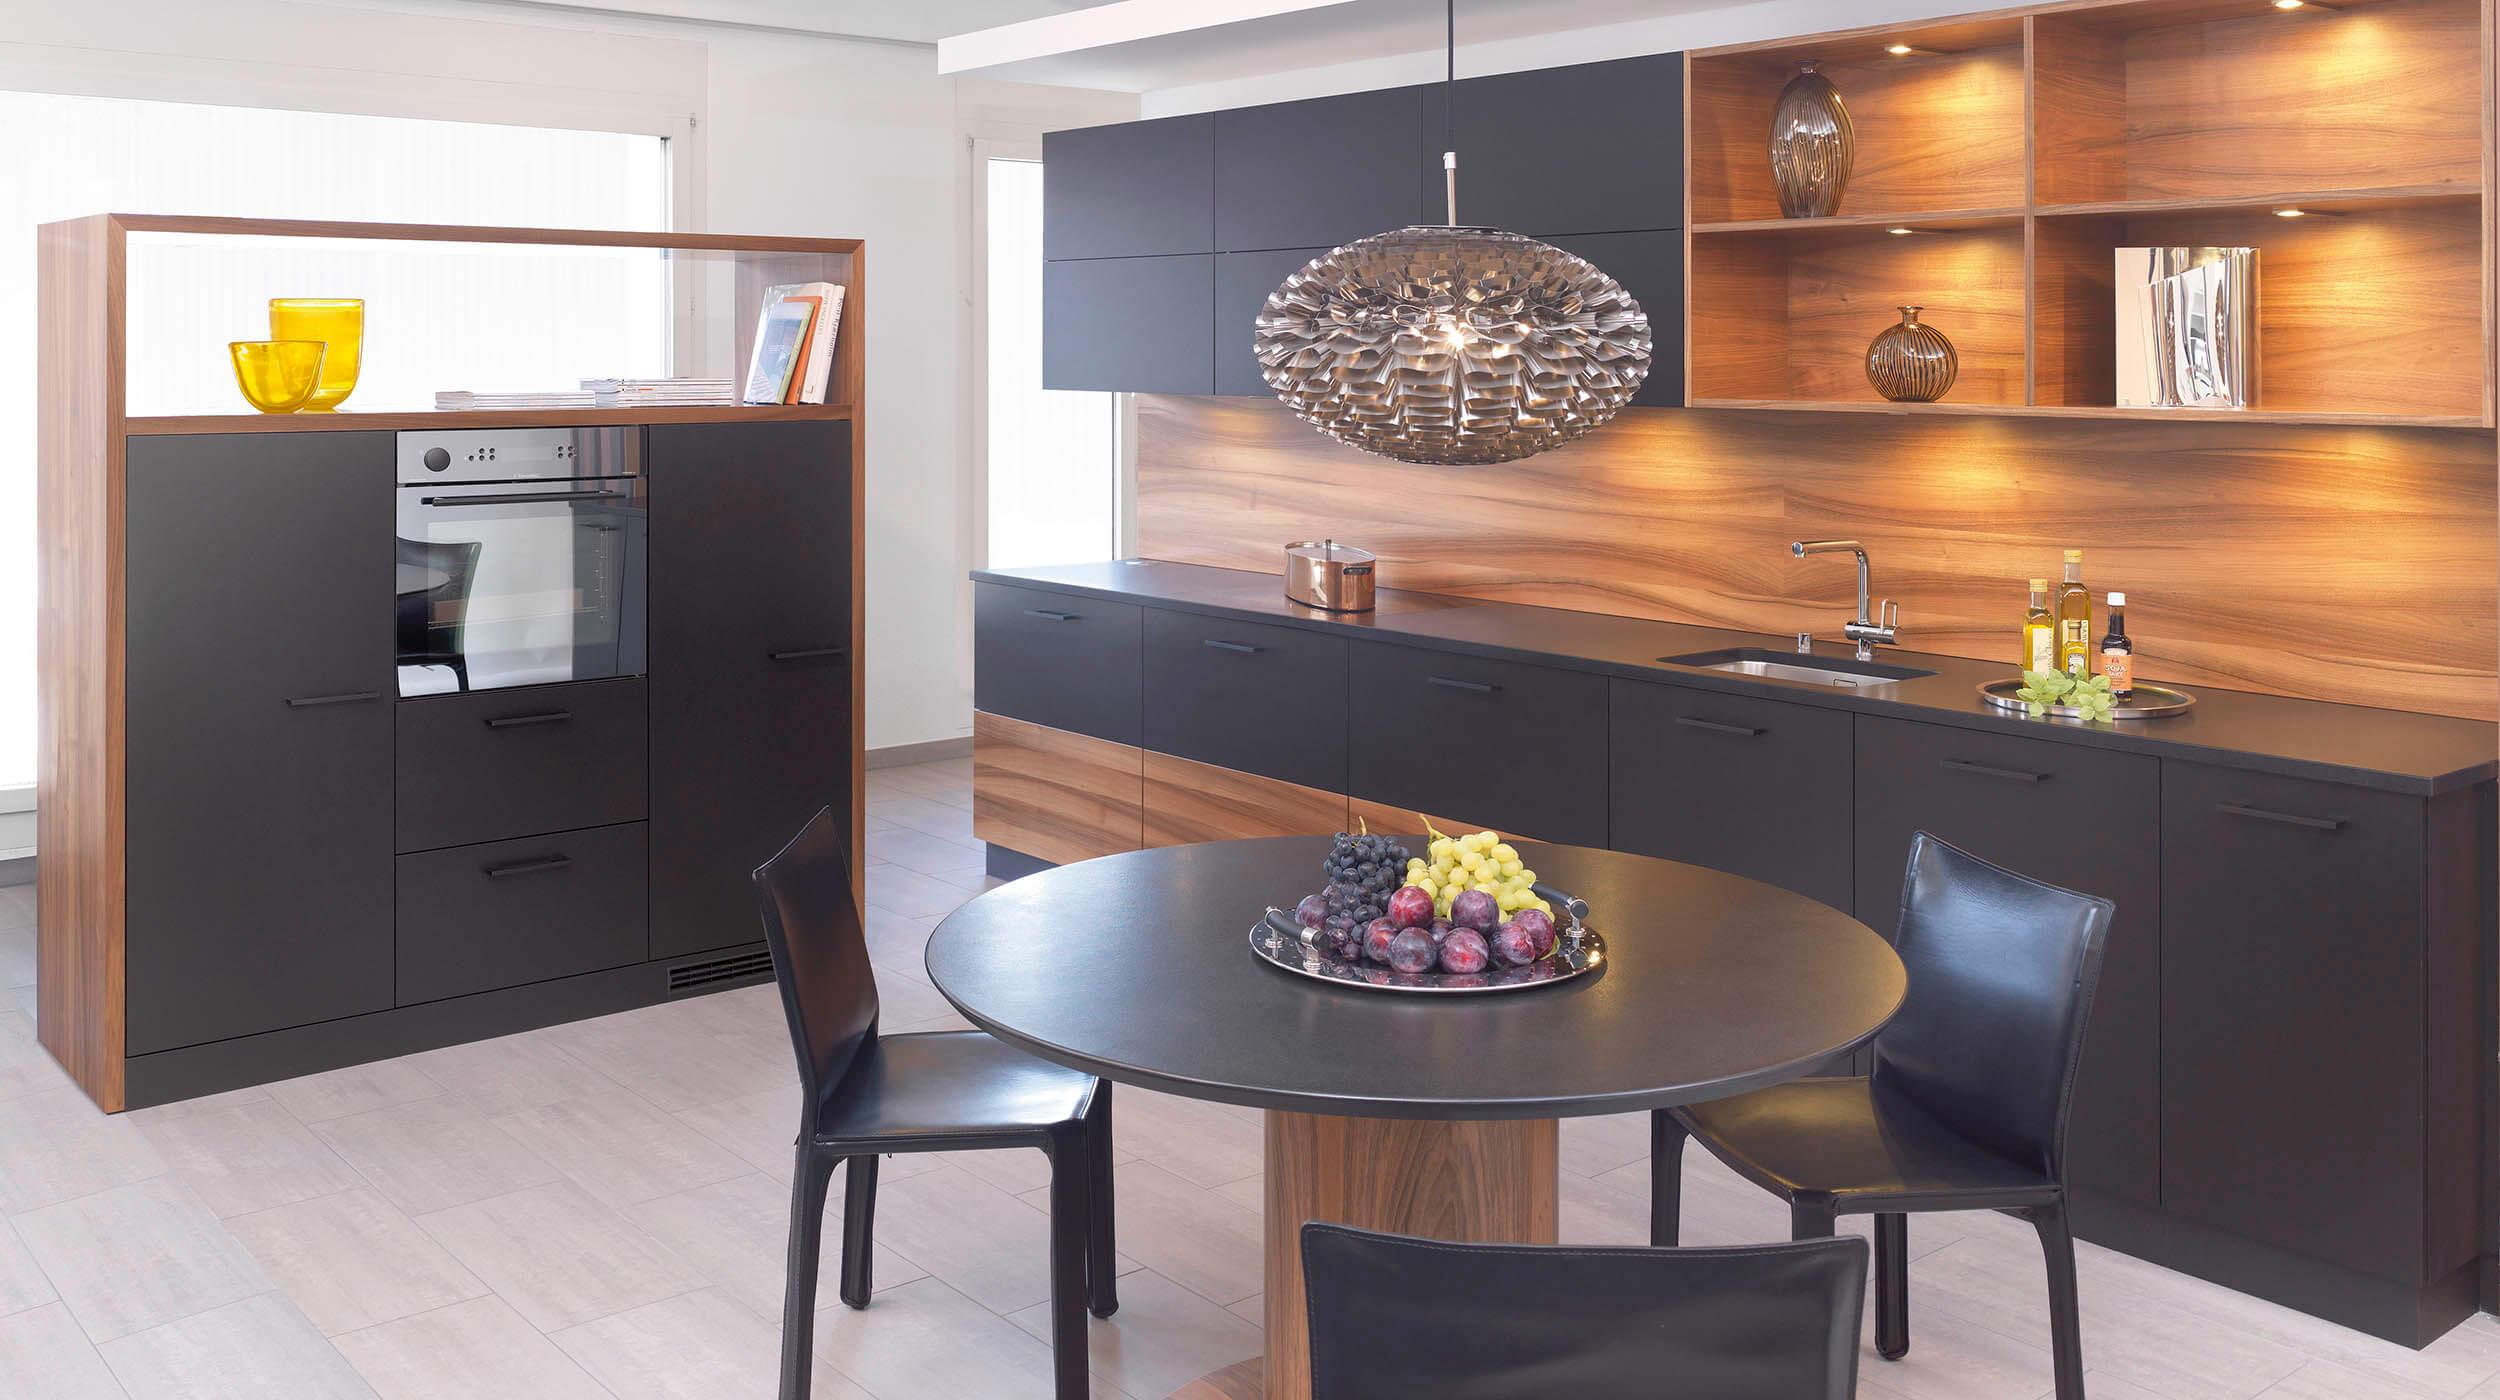 ligna linol Linolfront schwarz - mn küchen von Movanorm